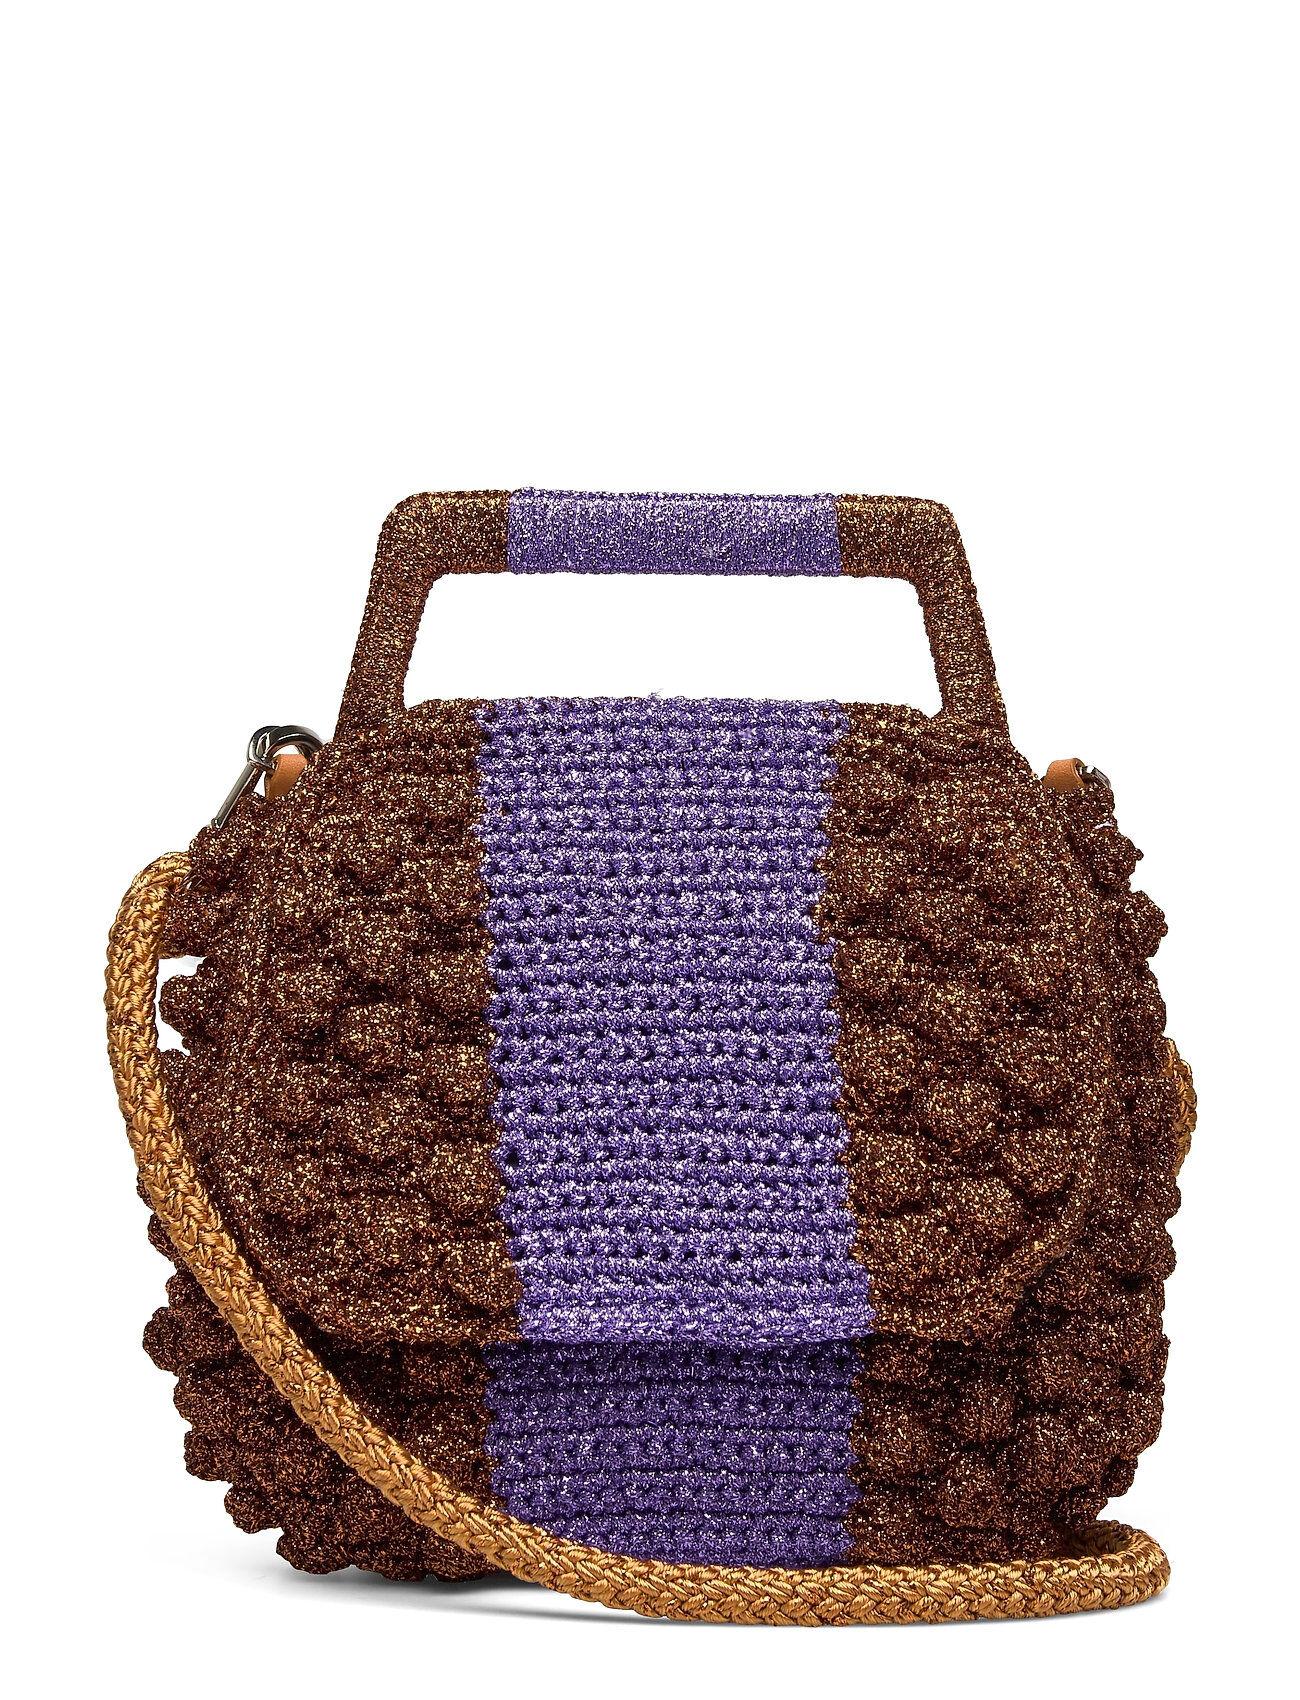 M Missoni Bag Bags Small Shoulder Bags - Crossbody Bags Liila M Missoni